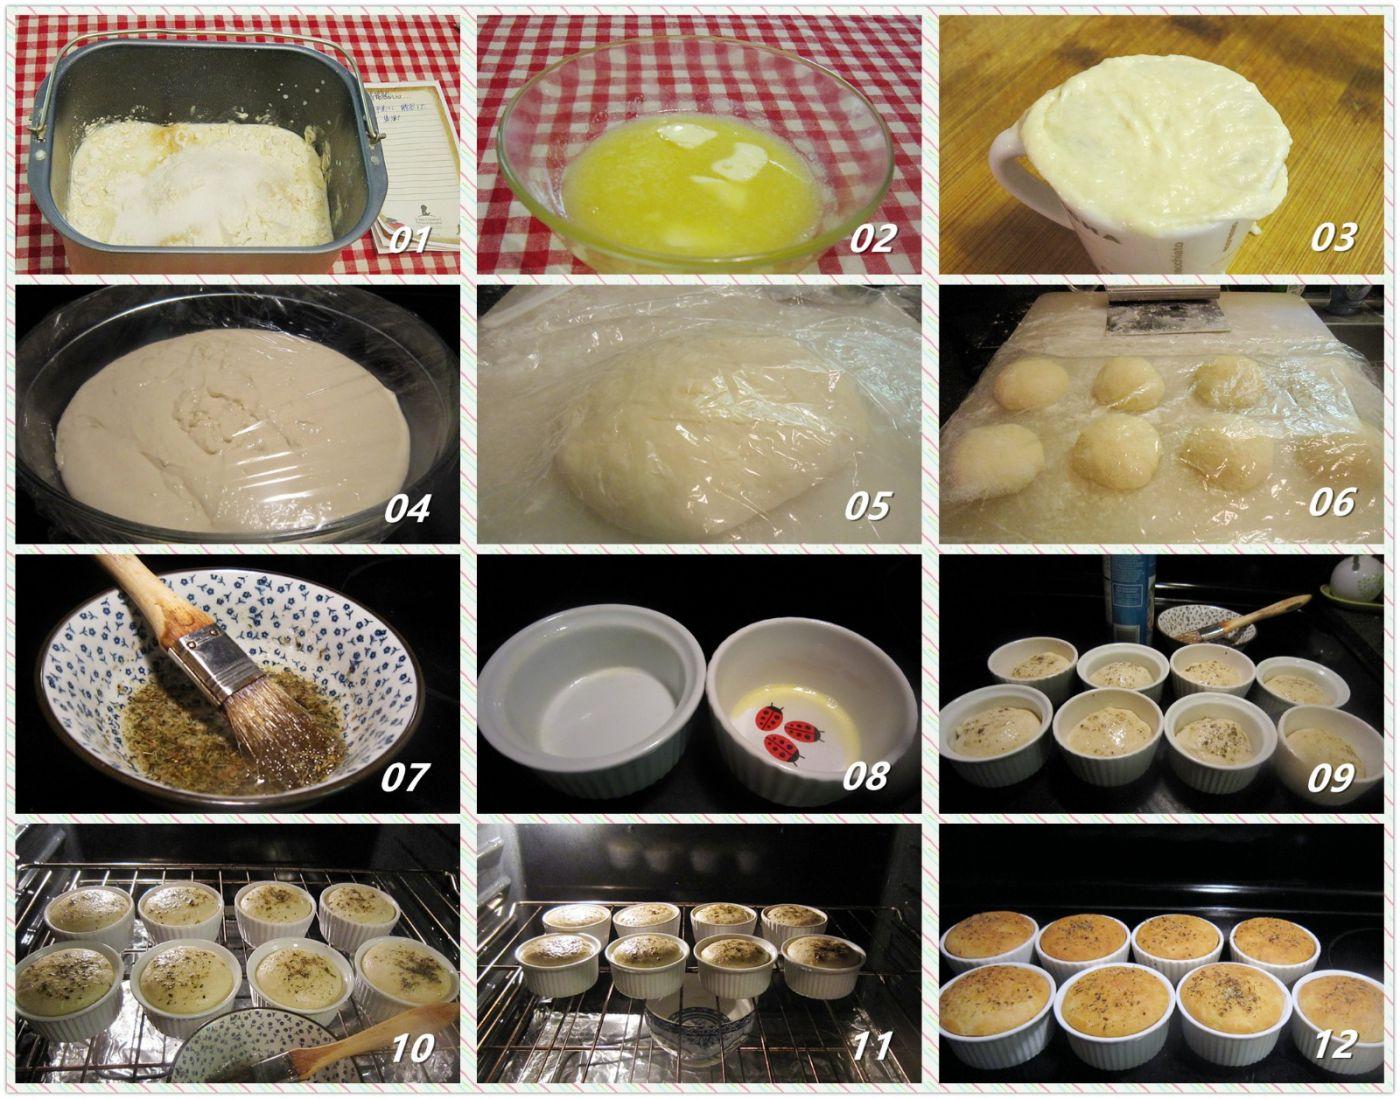 香草面包_图1-2